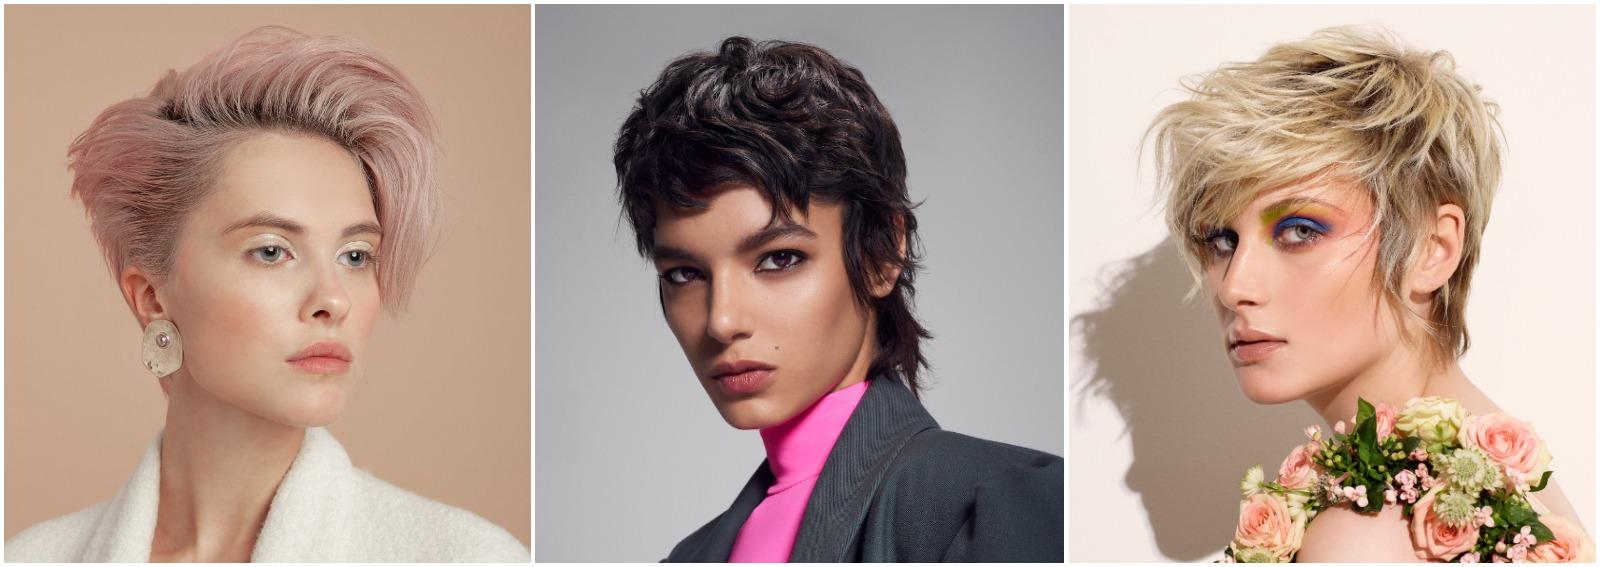 tagli-capelli-corti-saloni-primavera-estate-2020-cover desktop